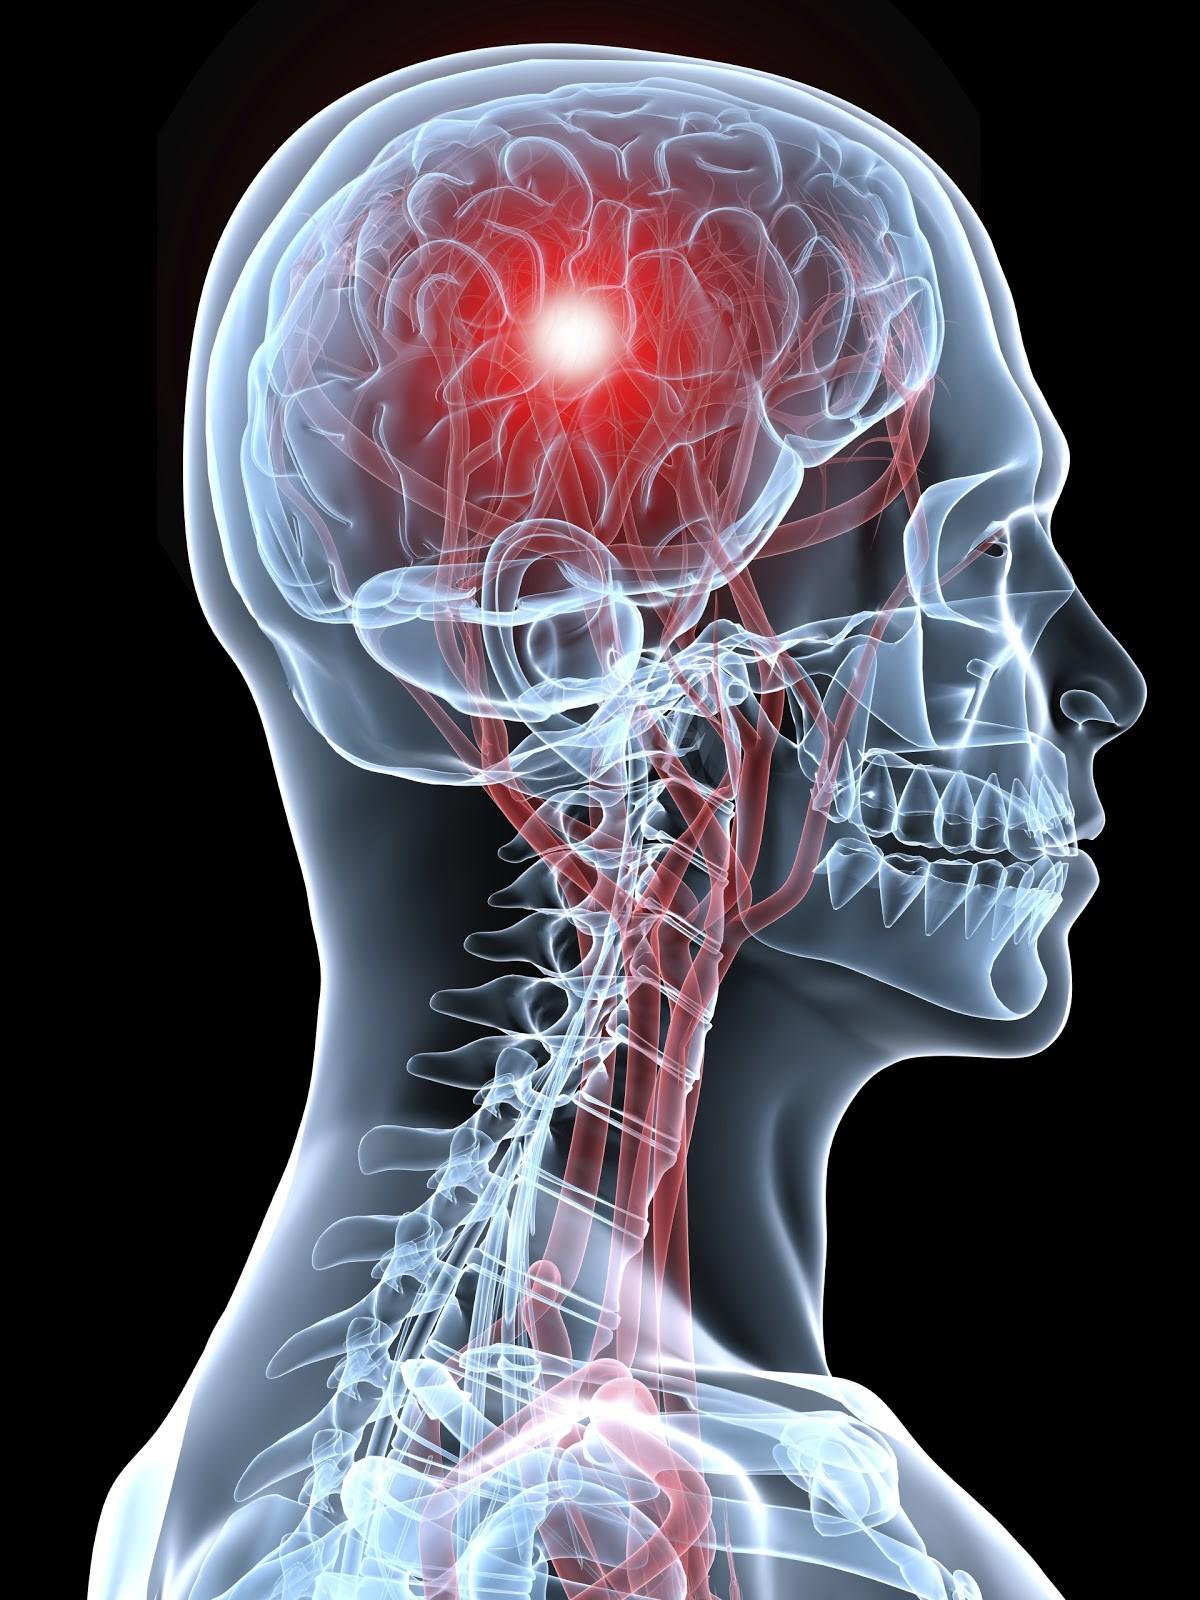 آنچه باید در مورد علائم سکته مغزی بدانیم